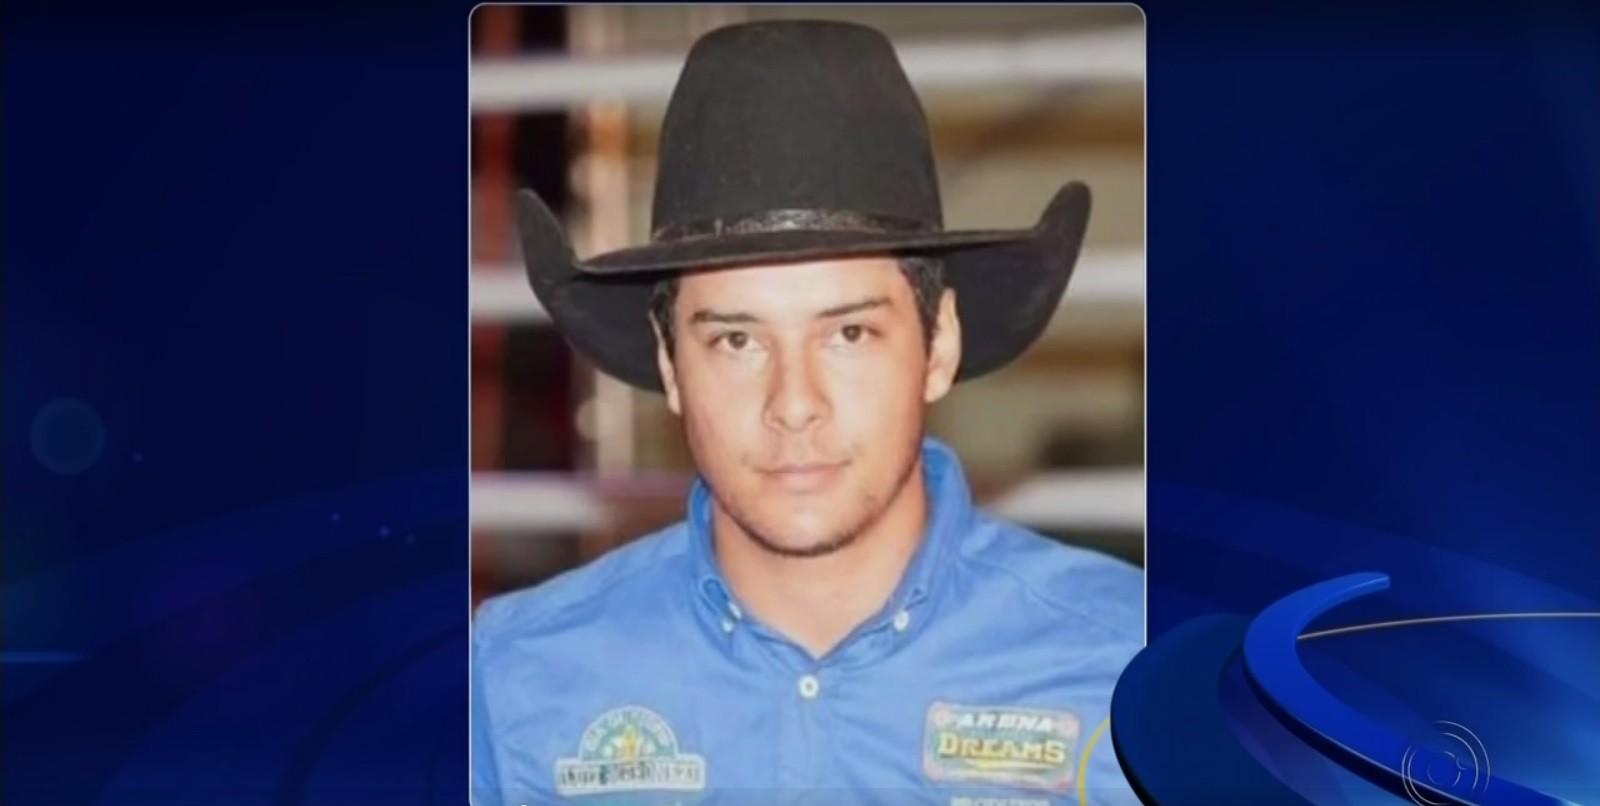 Peão pisoteado por touro em rodeio morreu após parada cardiorrespiratória, diz bombeiro